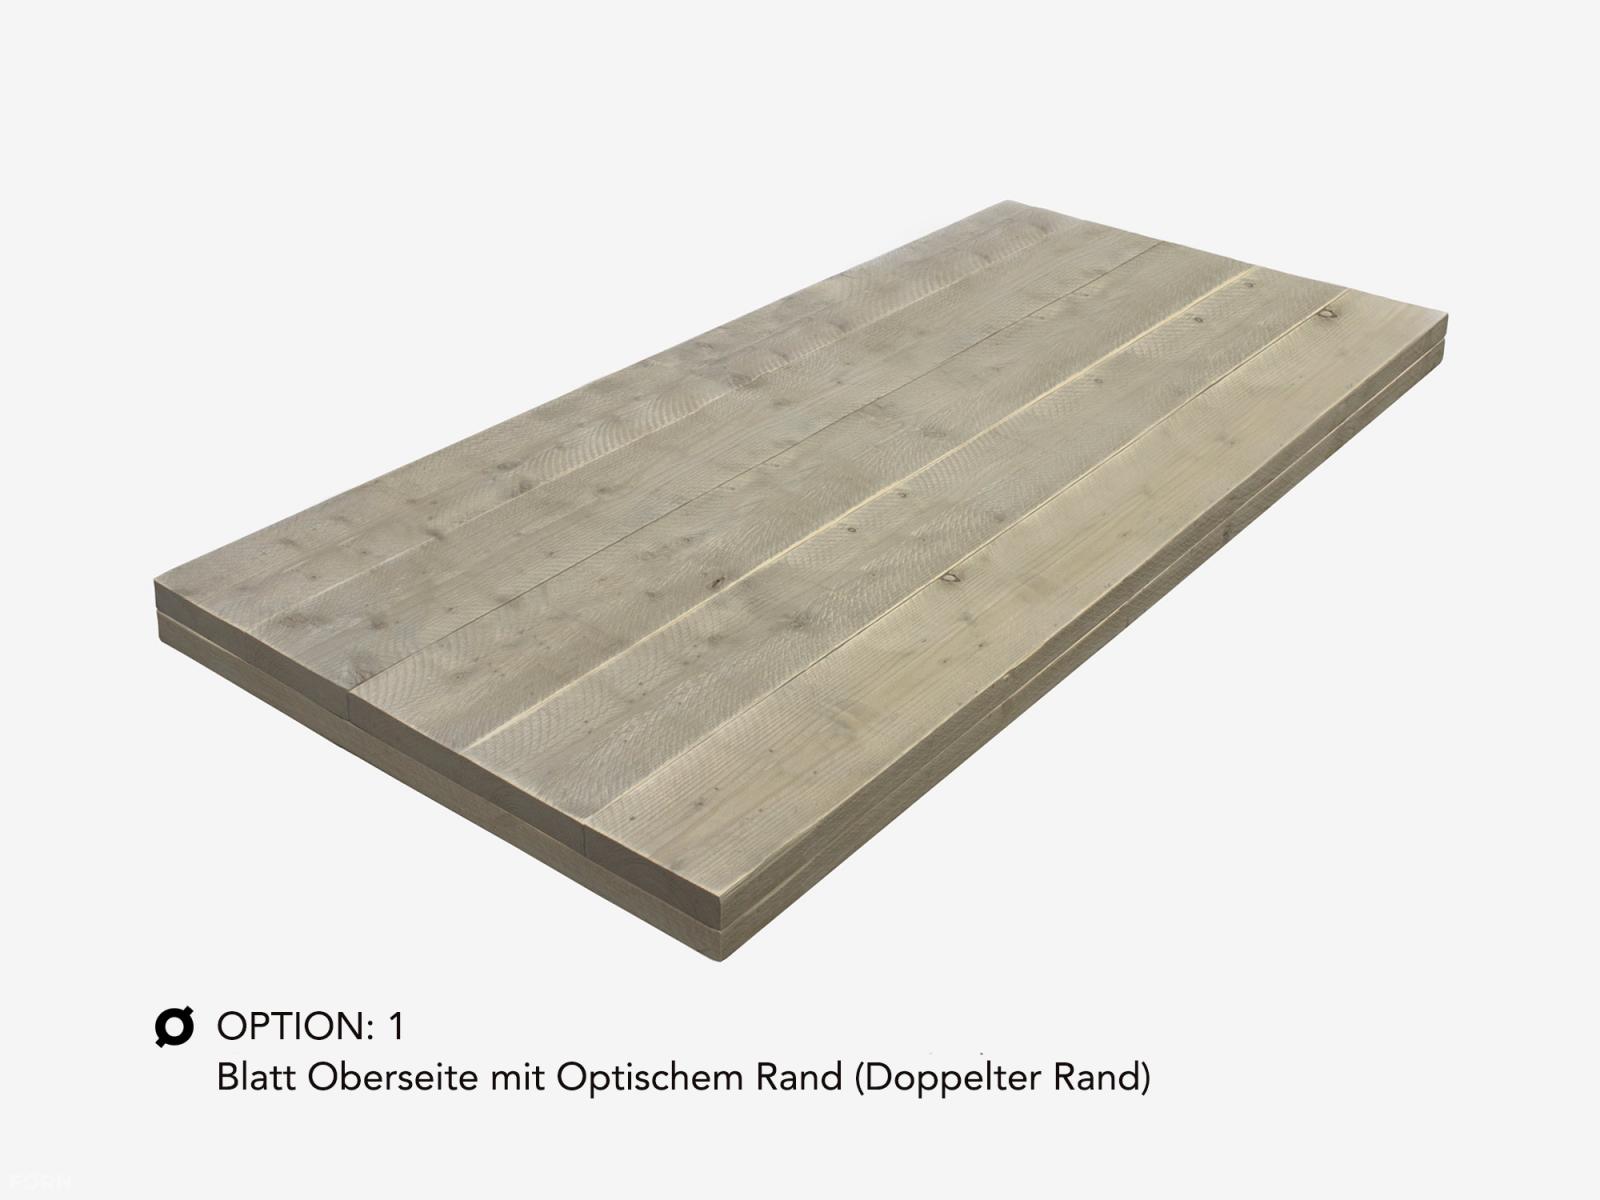 Bauholz Tischplatte Kaufen  Bauholz Möbel Design von Tischplatte Nach Maß Kunststoff Bild